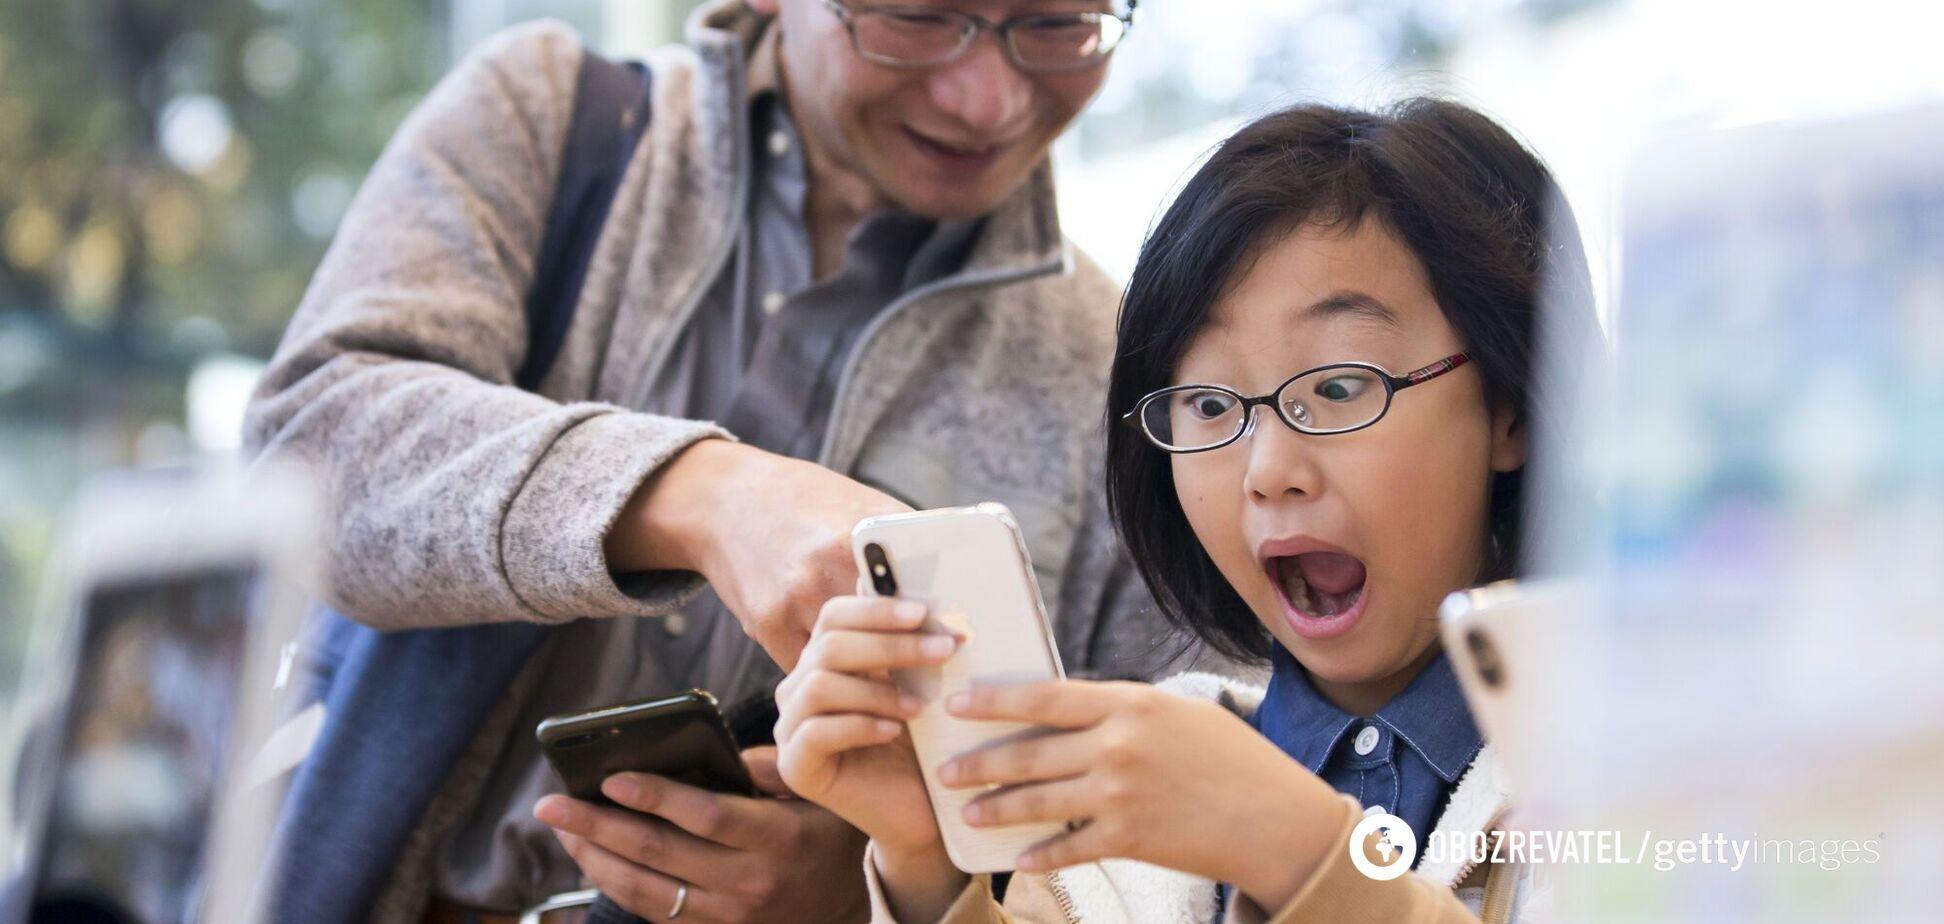 Якими будуть нові iPhone в 2022-23 роках: подробиці від інсайдера